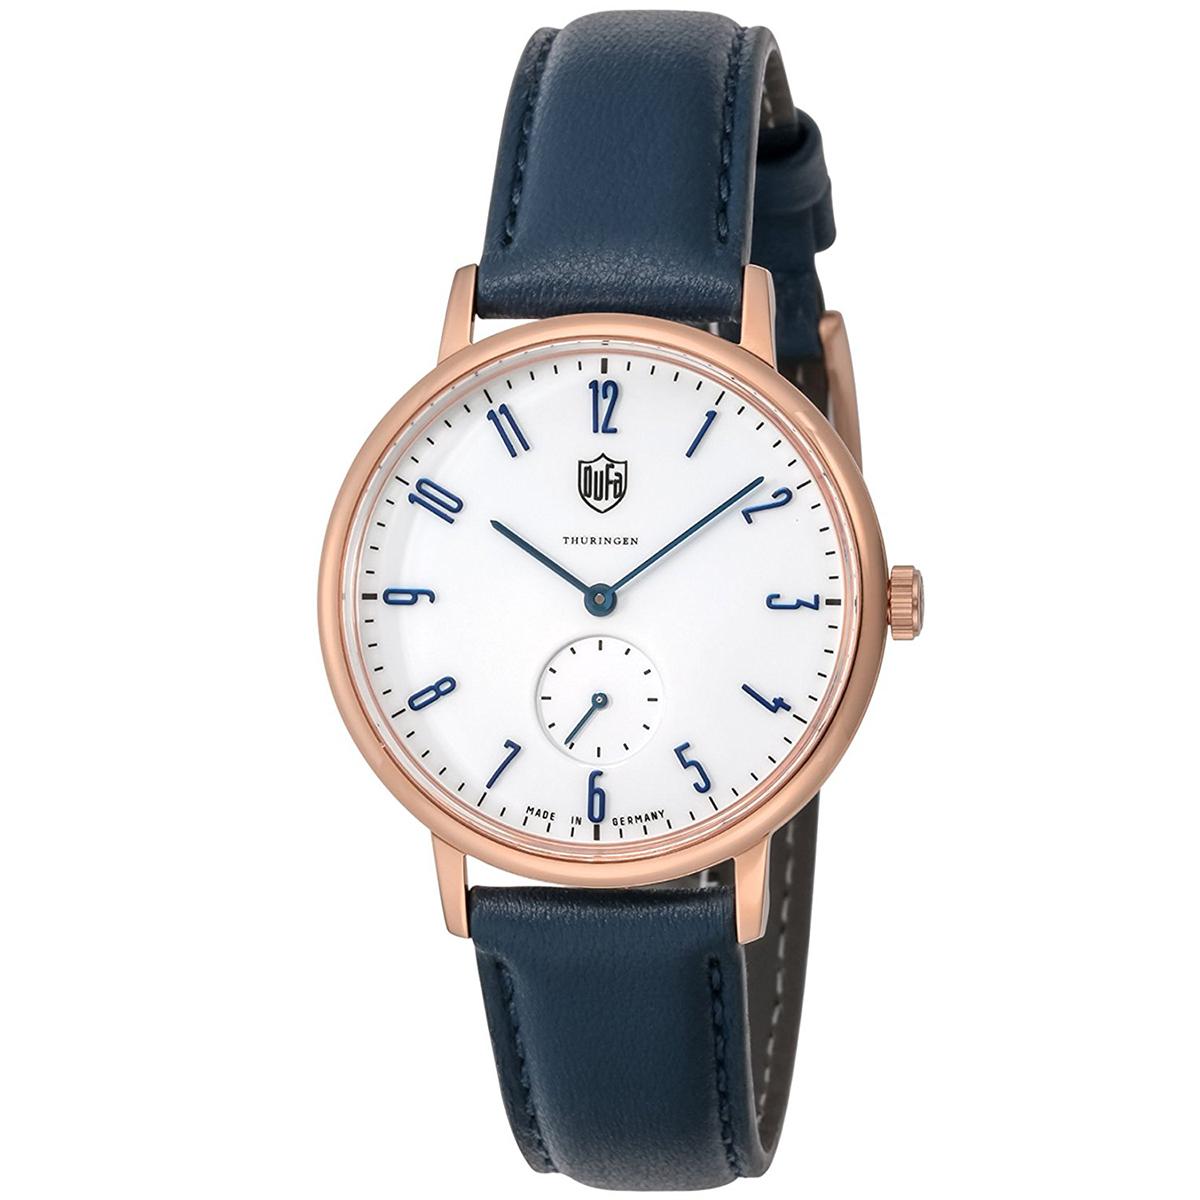 【全品送料無料】 DUFA ドゥッファ DF-9001-0L GROPIUS メンズ 時計 腕時計 プレゼント 贈り物 ギフト ドイツ バウハウス[あす楽]